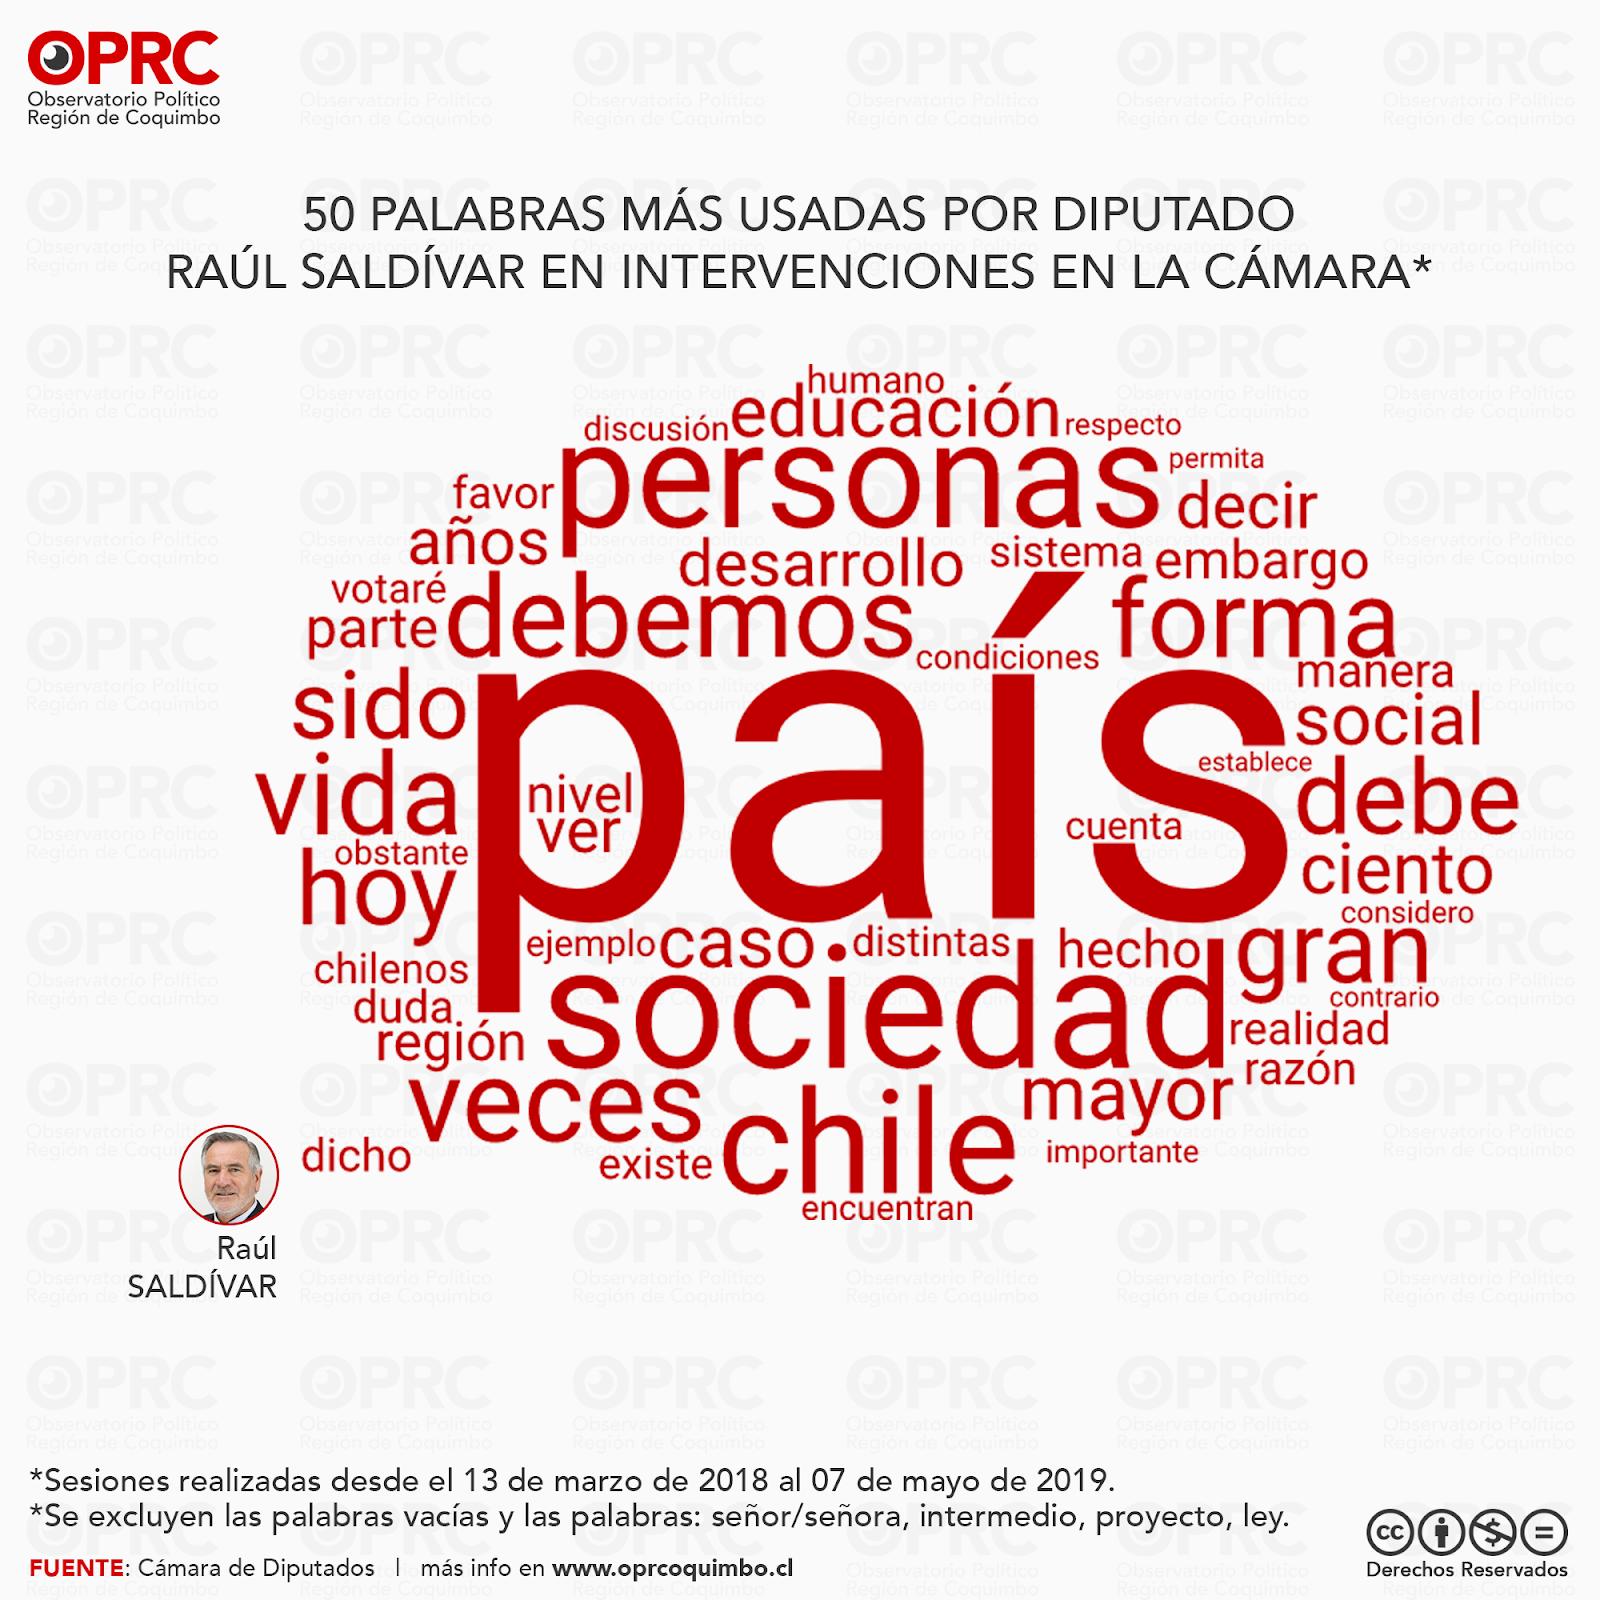 Palabras más usadas por Diputado Raúl Saldívar en intervenciones en Sala